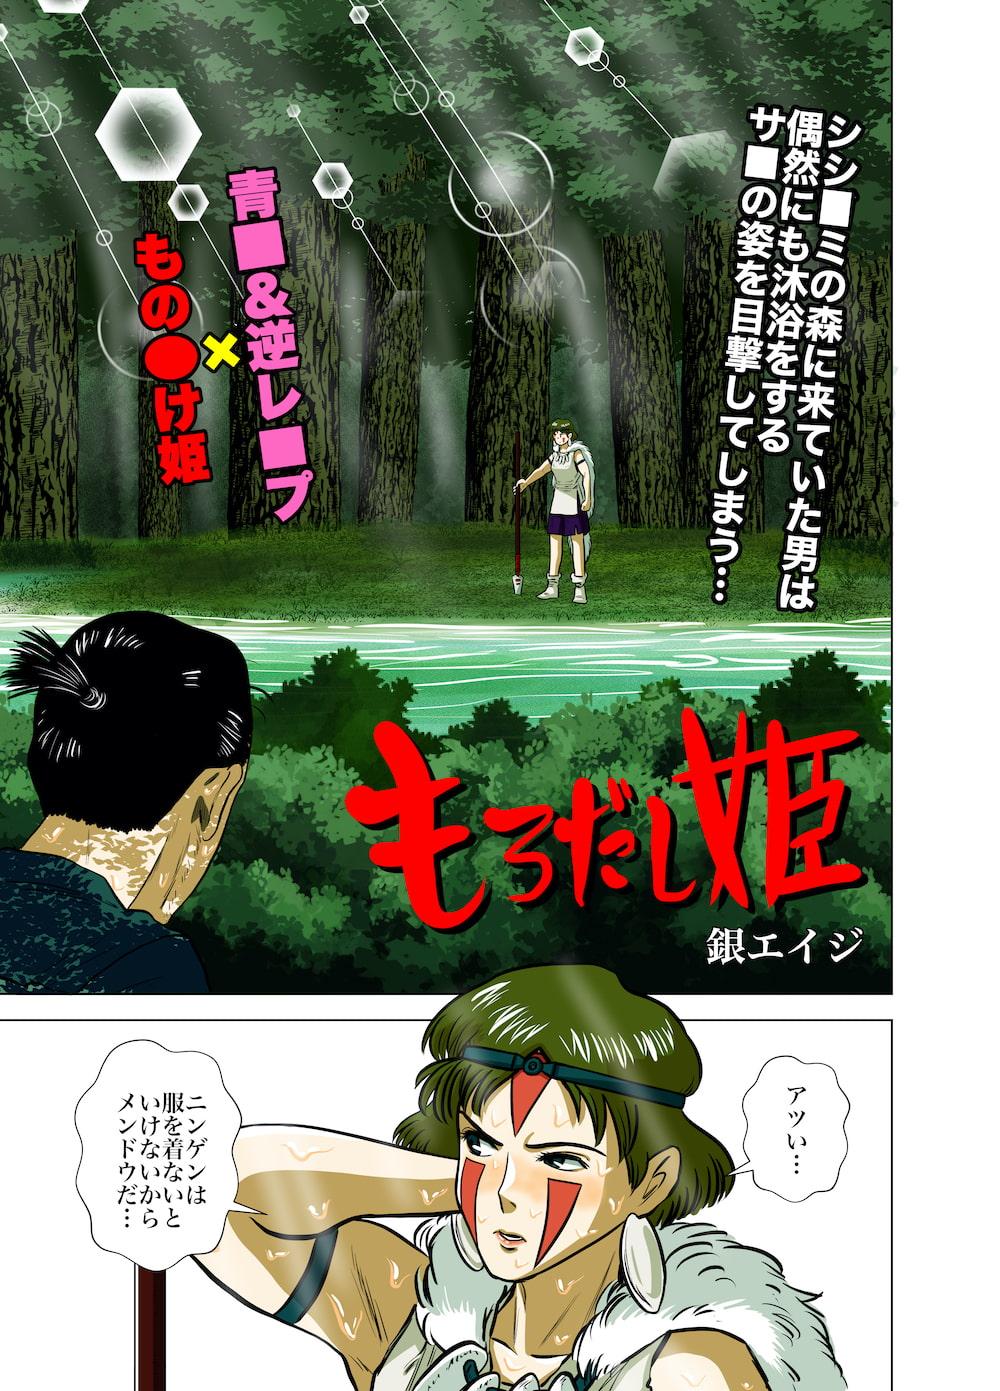 【もの○け姫×逆レ○プ】フルカラー漫画 16p